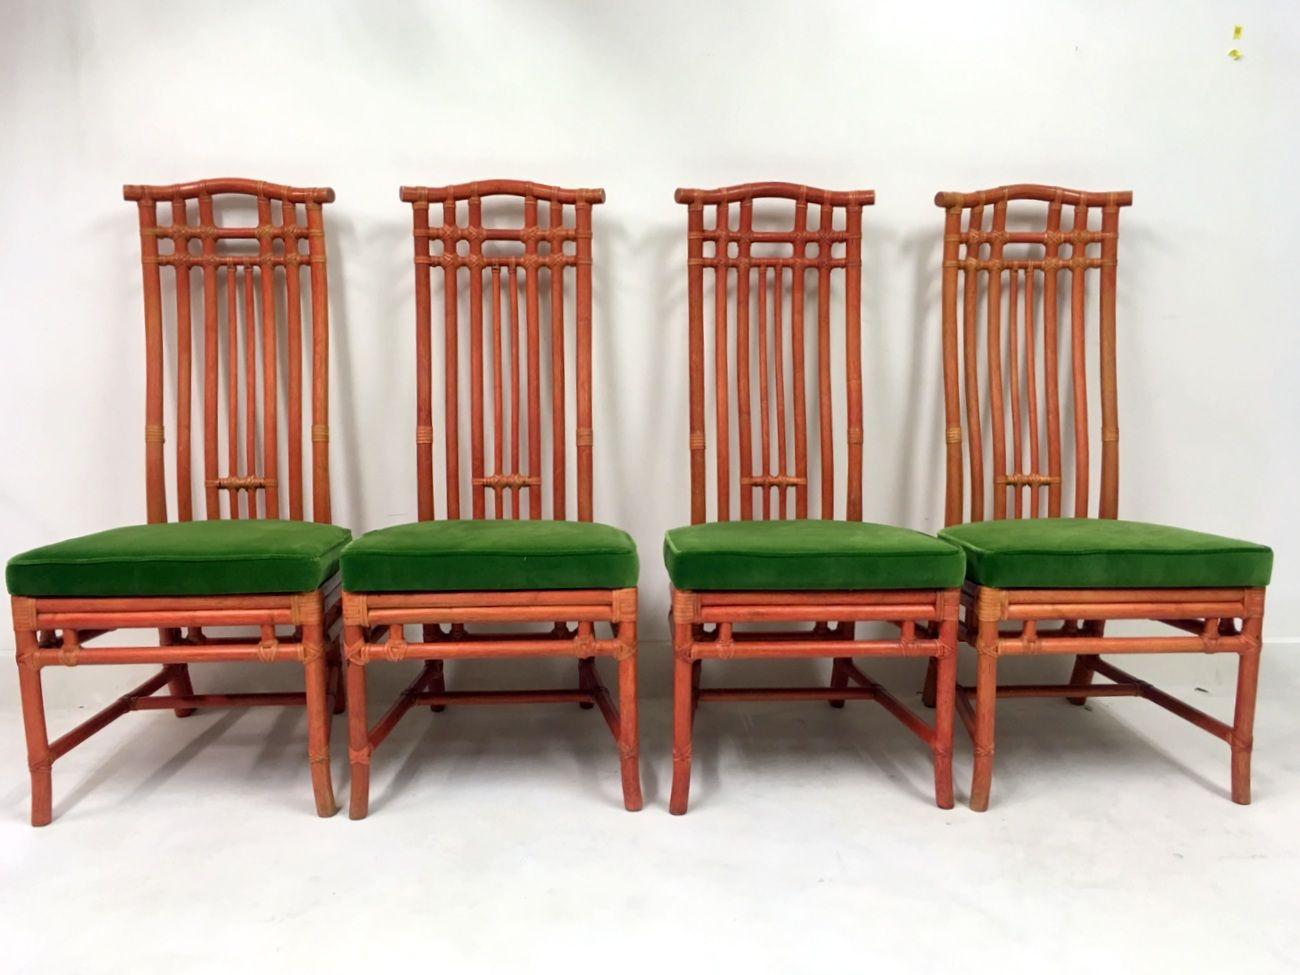 Sillas de comedor vintage de bambú rojo y terciopelo verde de ...